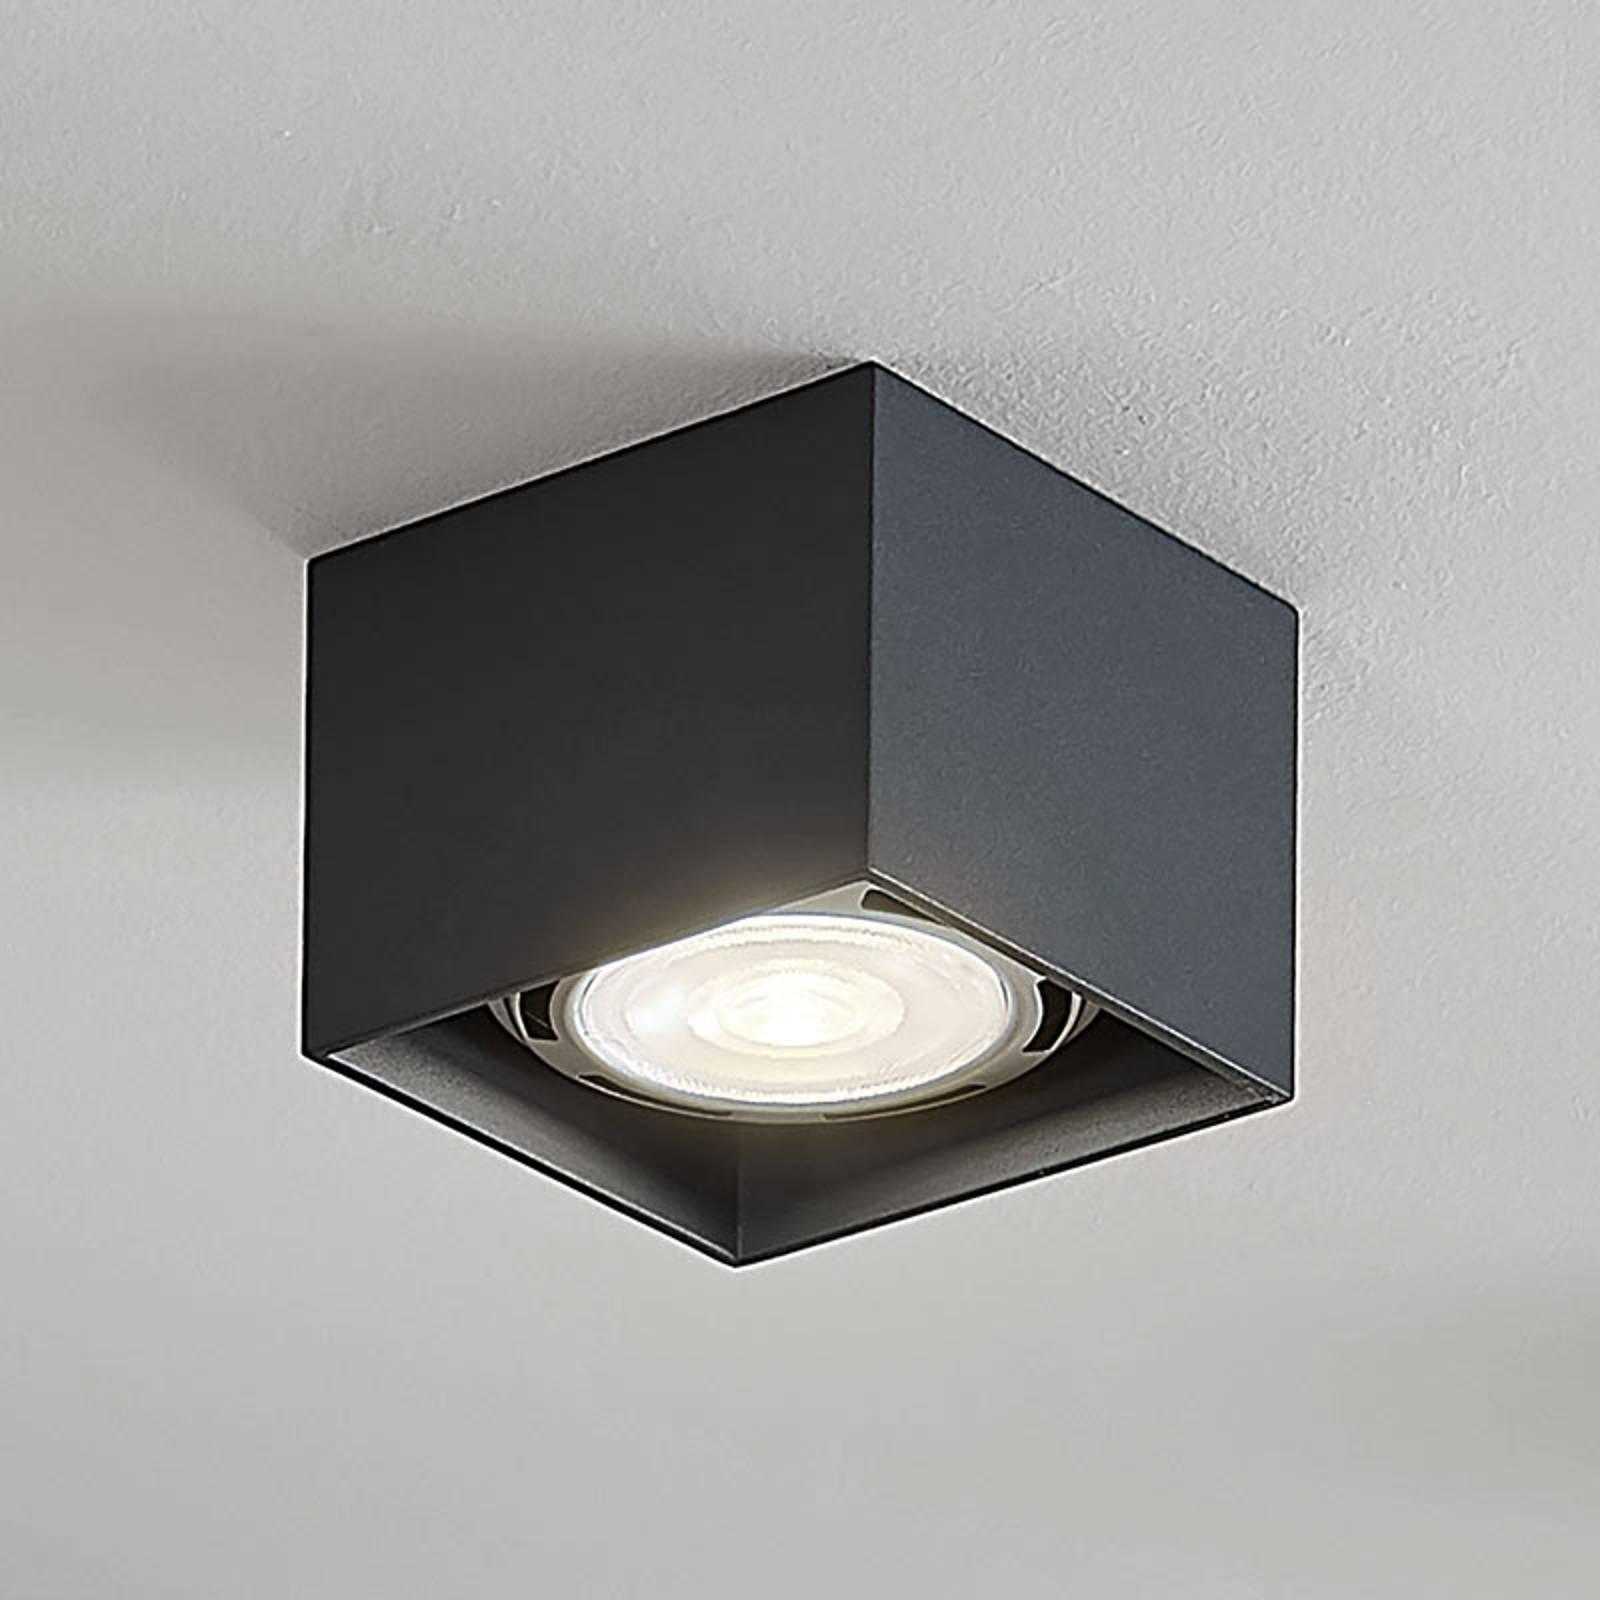 LED-kattospotti Mabel, kulmikas, harmaa